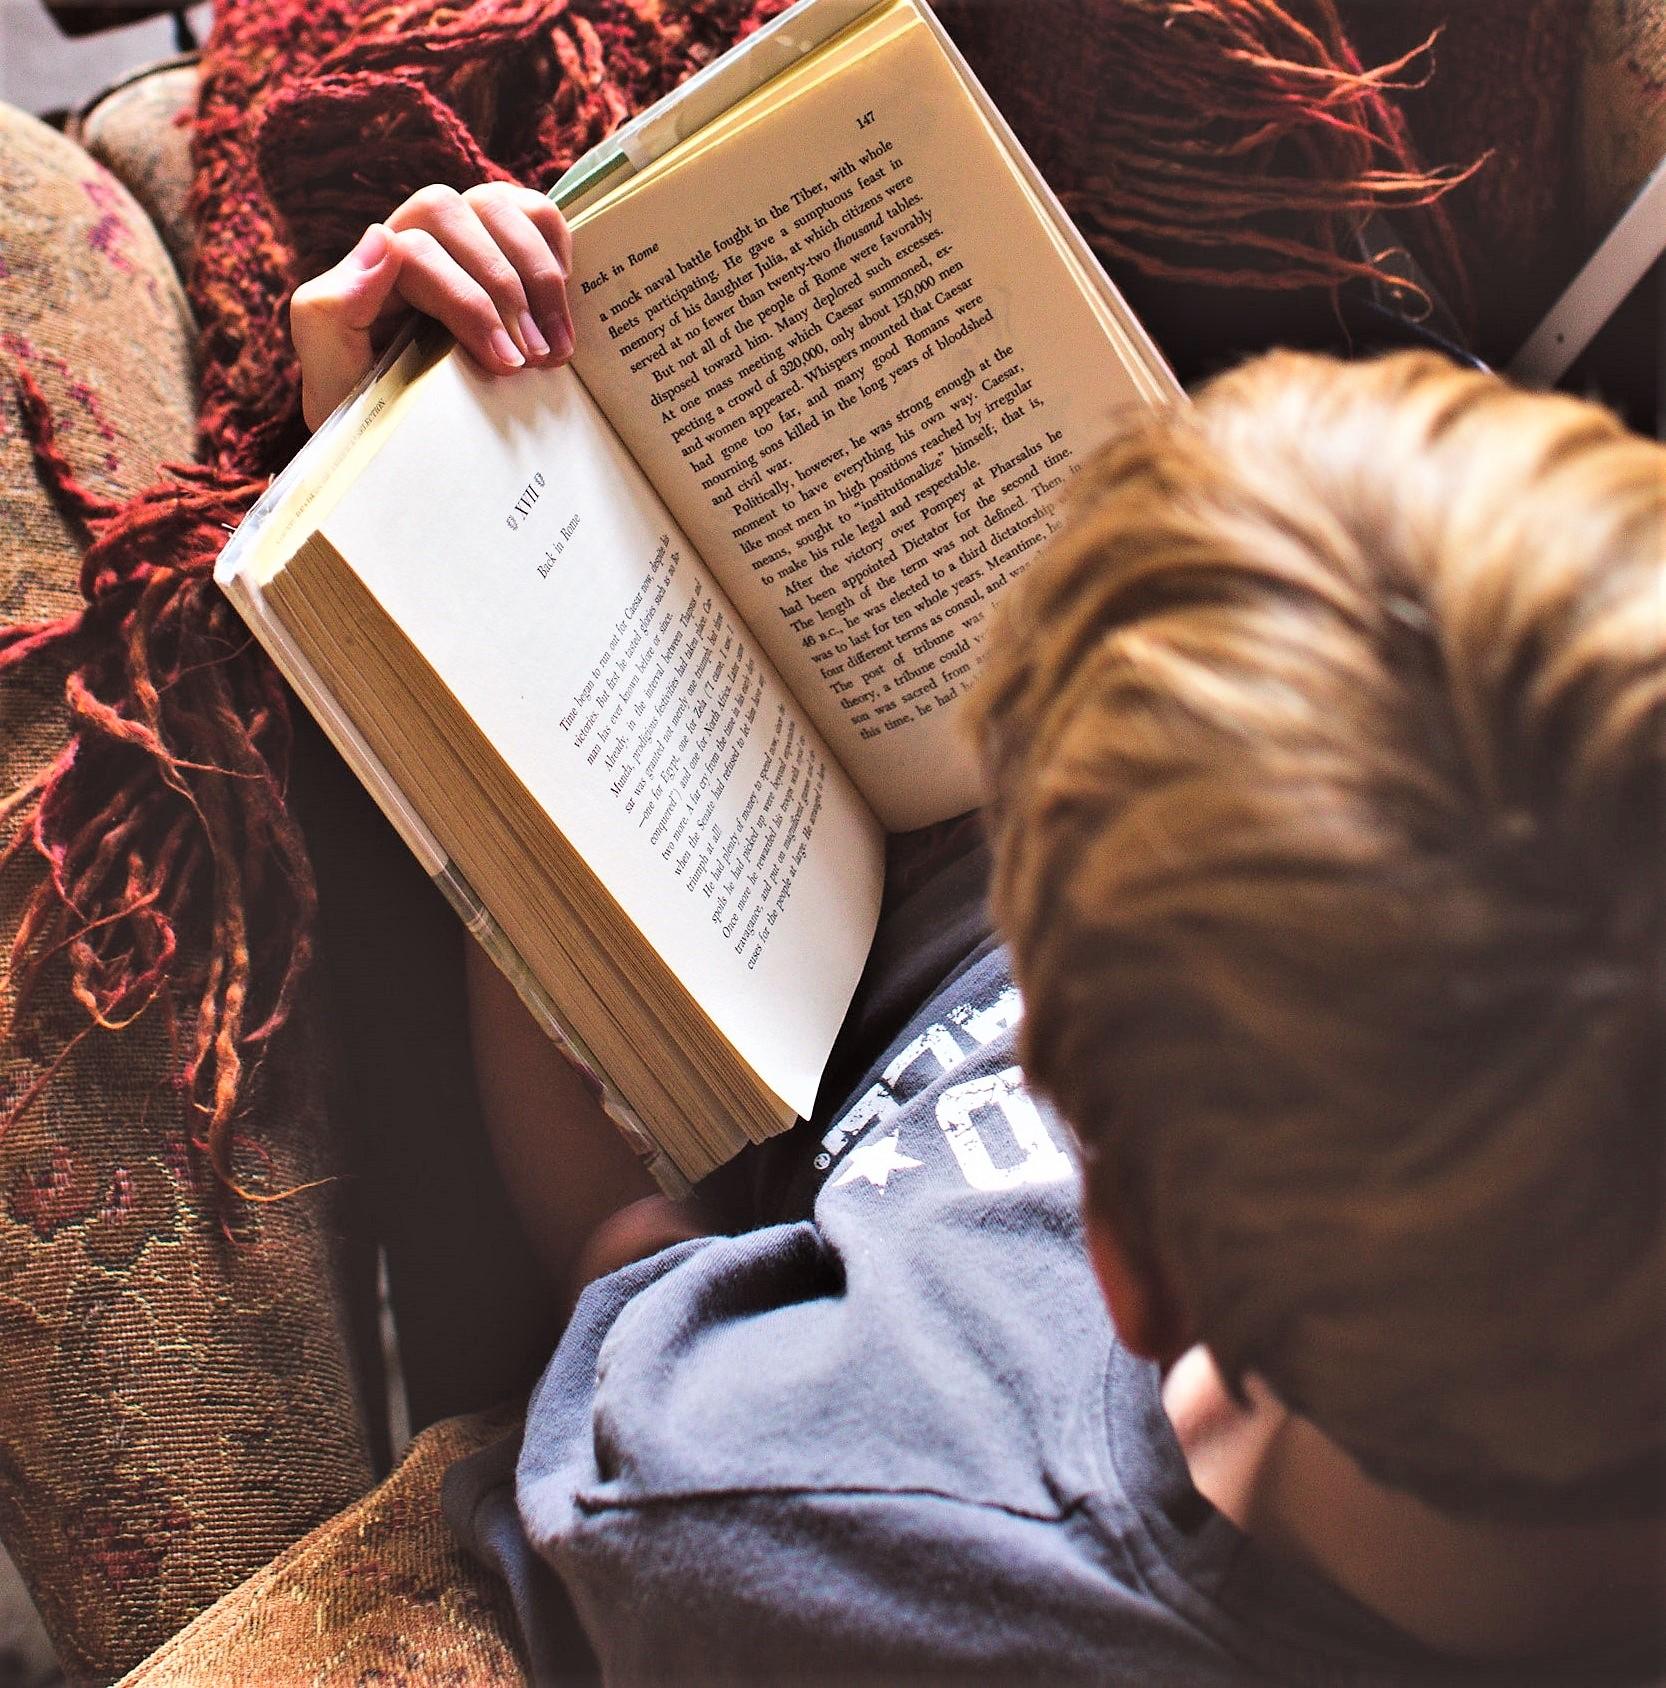 blanket-book-boy-79697 pexels.jpg